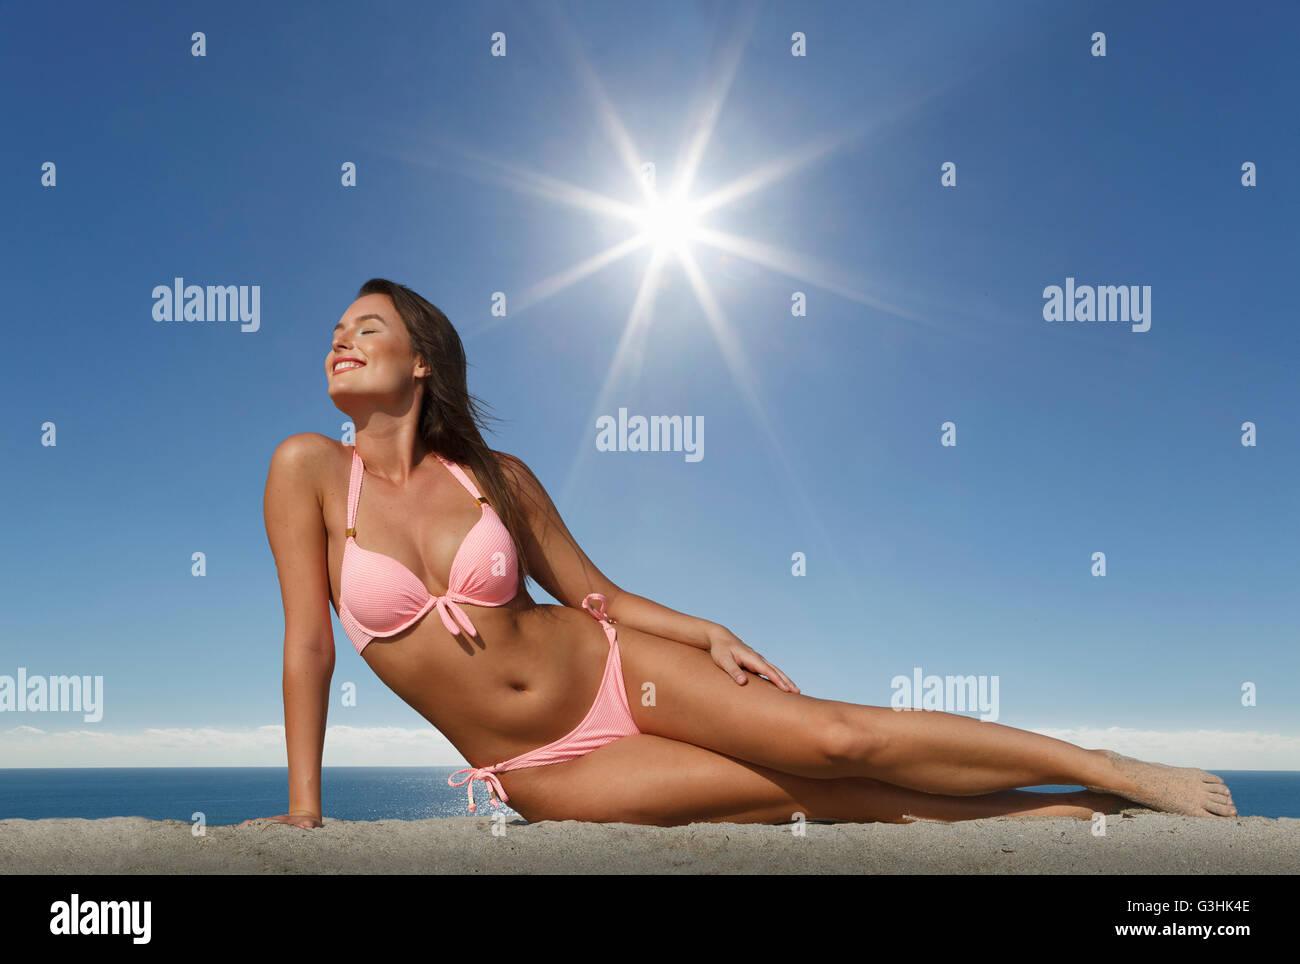 Young woman wearing bikini relaxing on Miami beach, Florida, USA - Stock Image